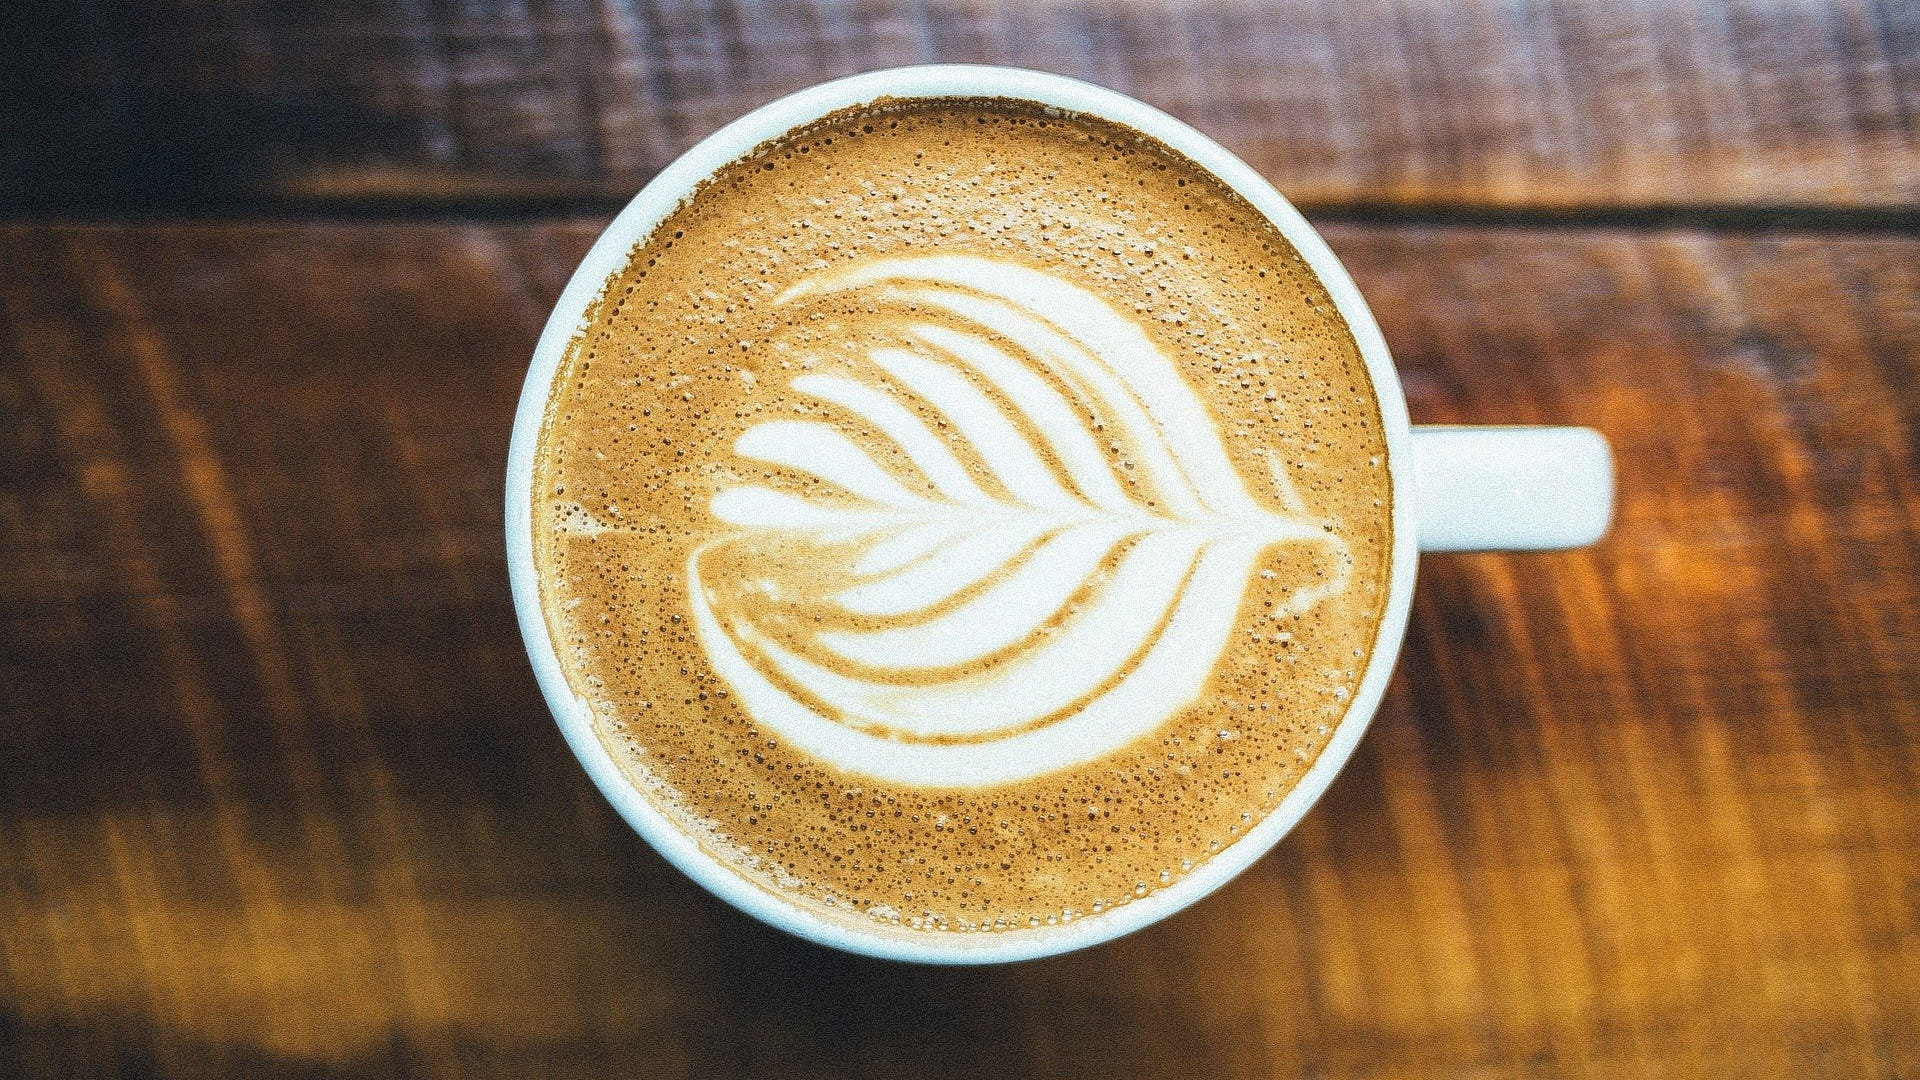 Cafe Oh my Goodness